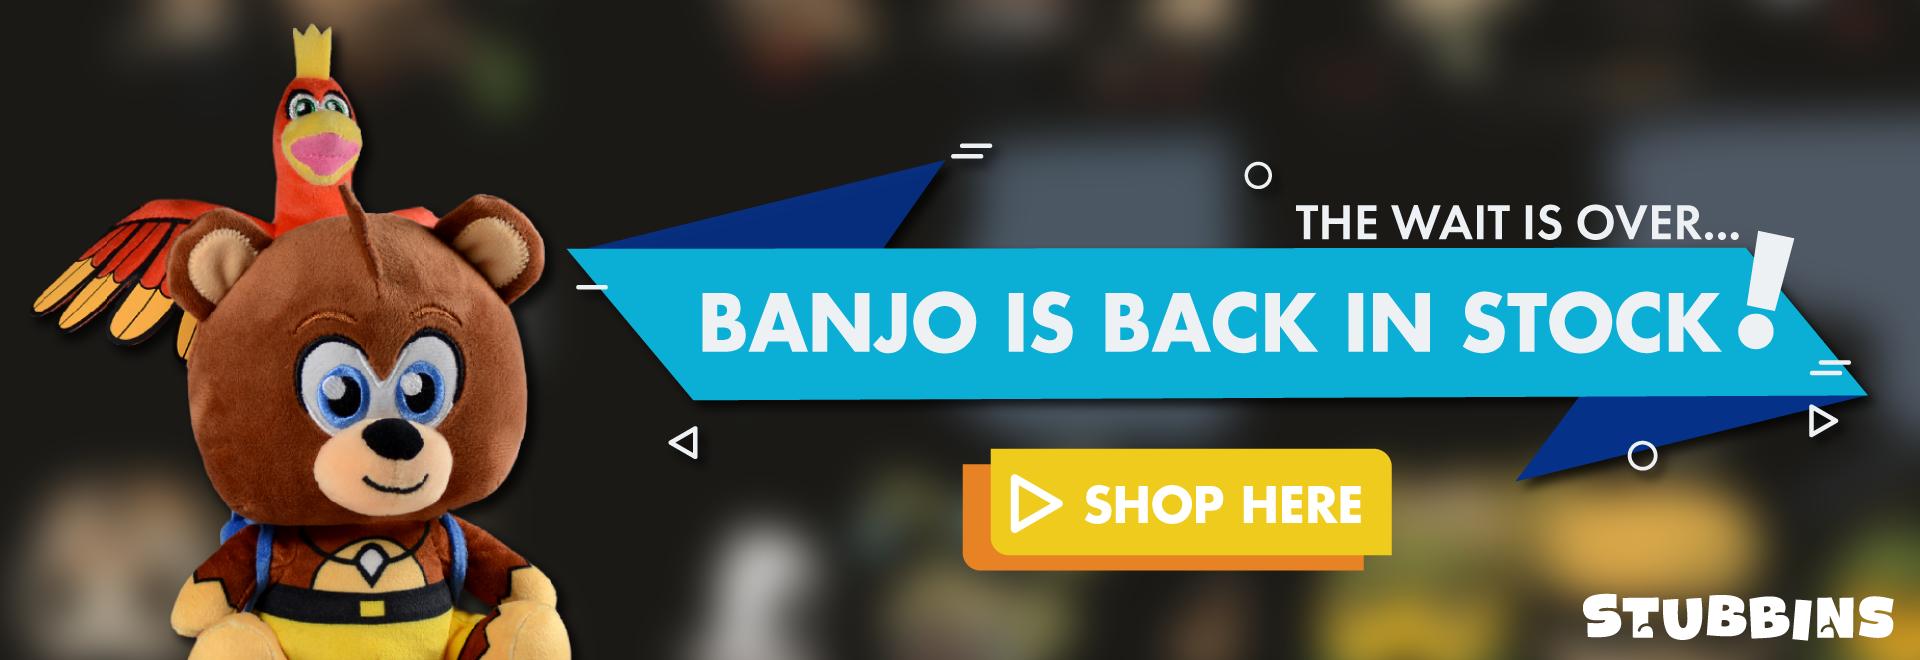 Banjo, Kazooie, Stubbins, Order Now